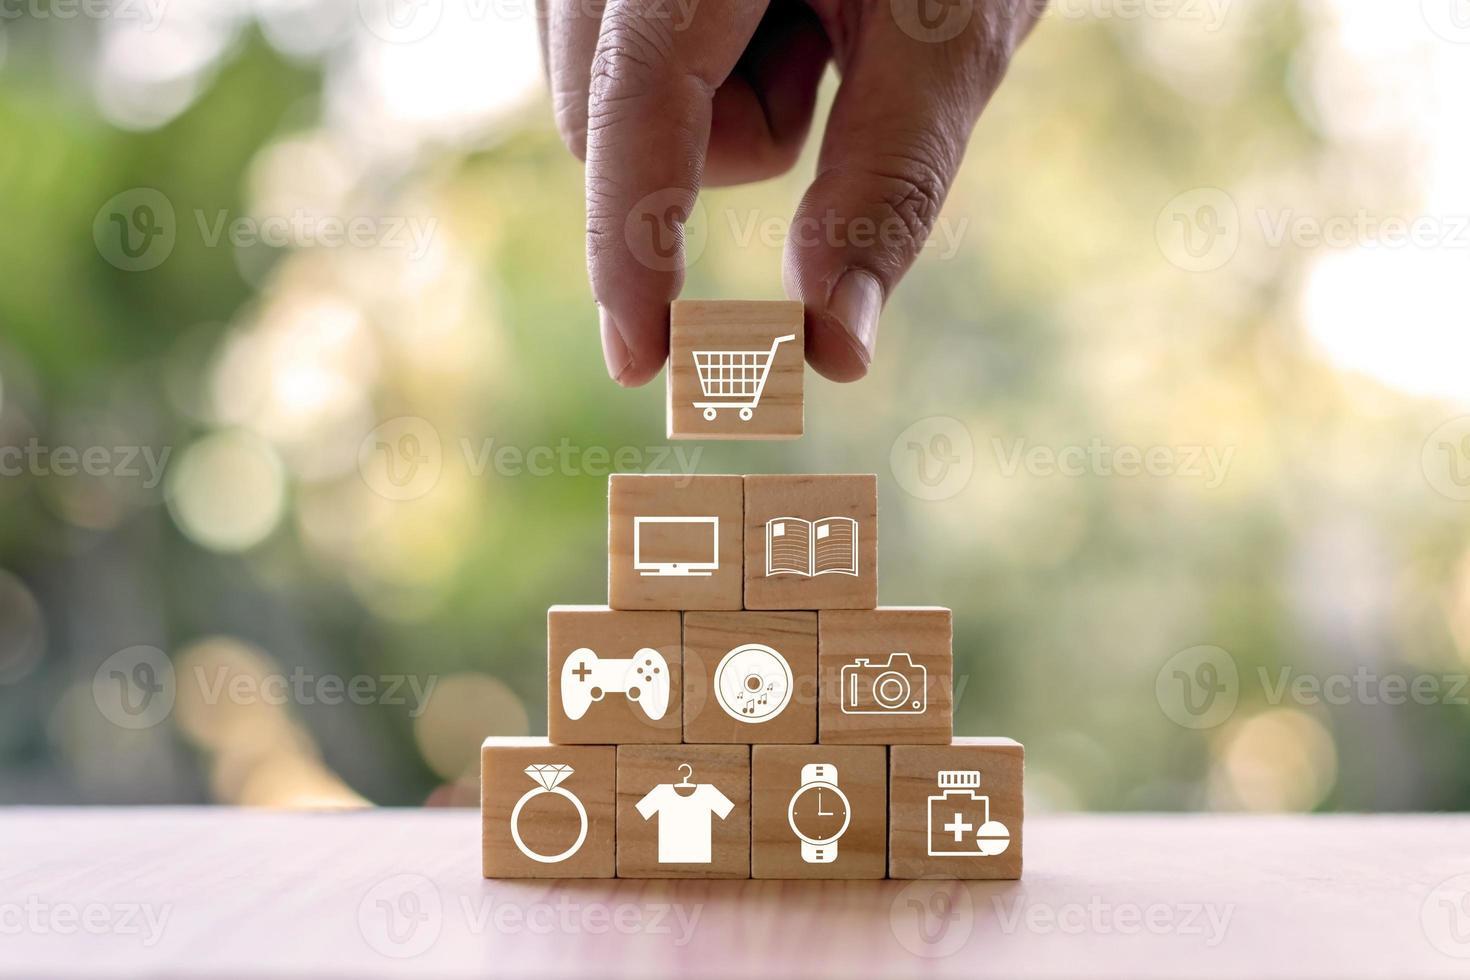 une jeune femme sélectionne une icône de panier d'achat et une icône de panier d'achat sur un blog en bois, une idée d'entreprise en ligne et un guide pour faire des choix de consommation intelligents et sûrs. photo